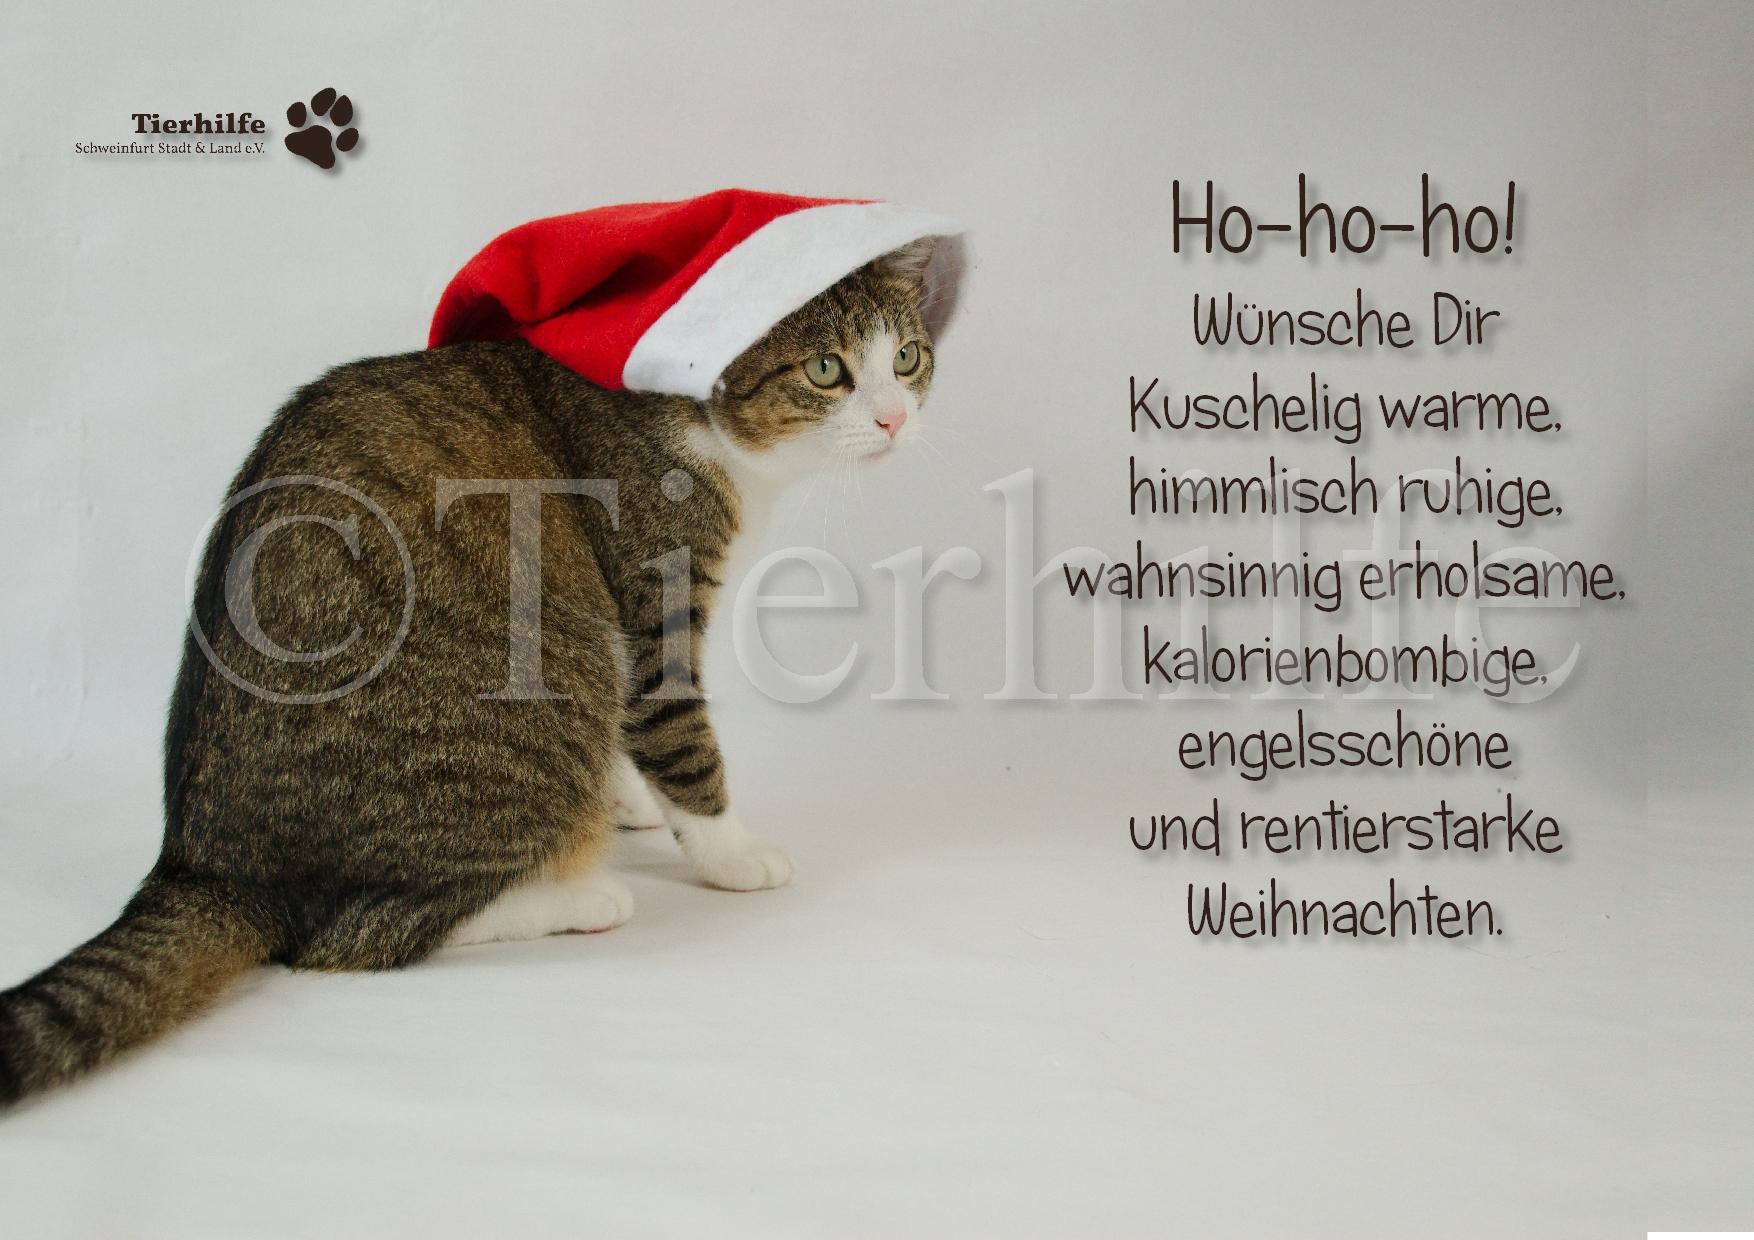 weihnachten-12